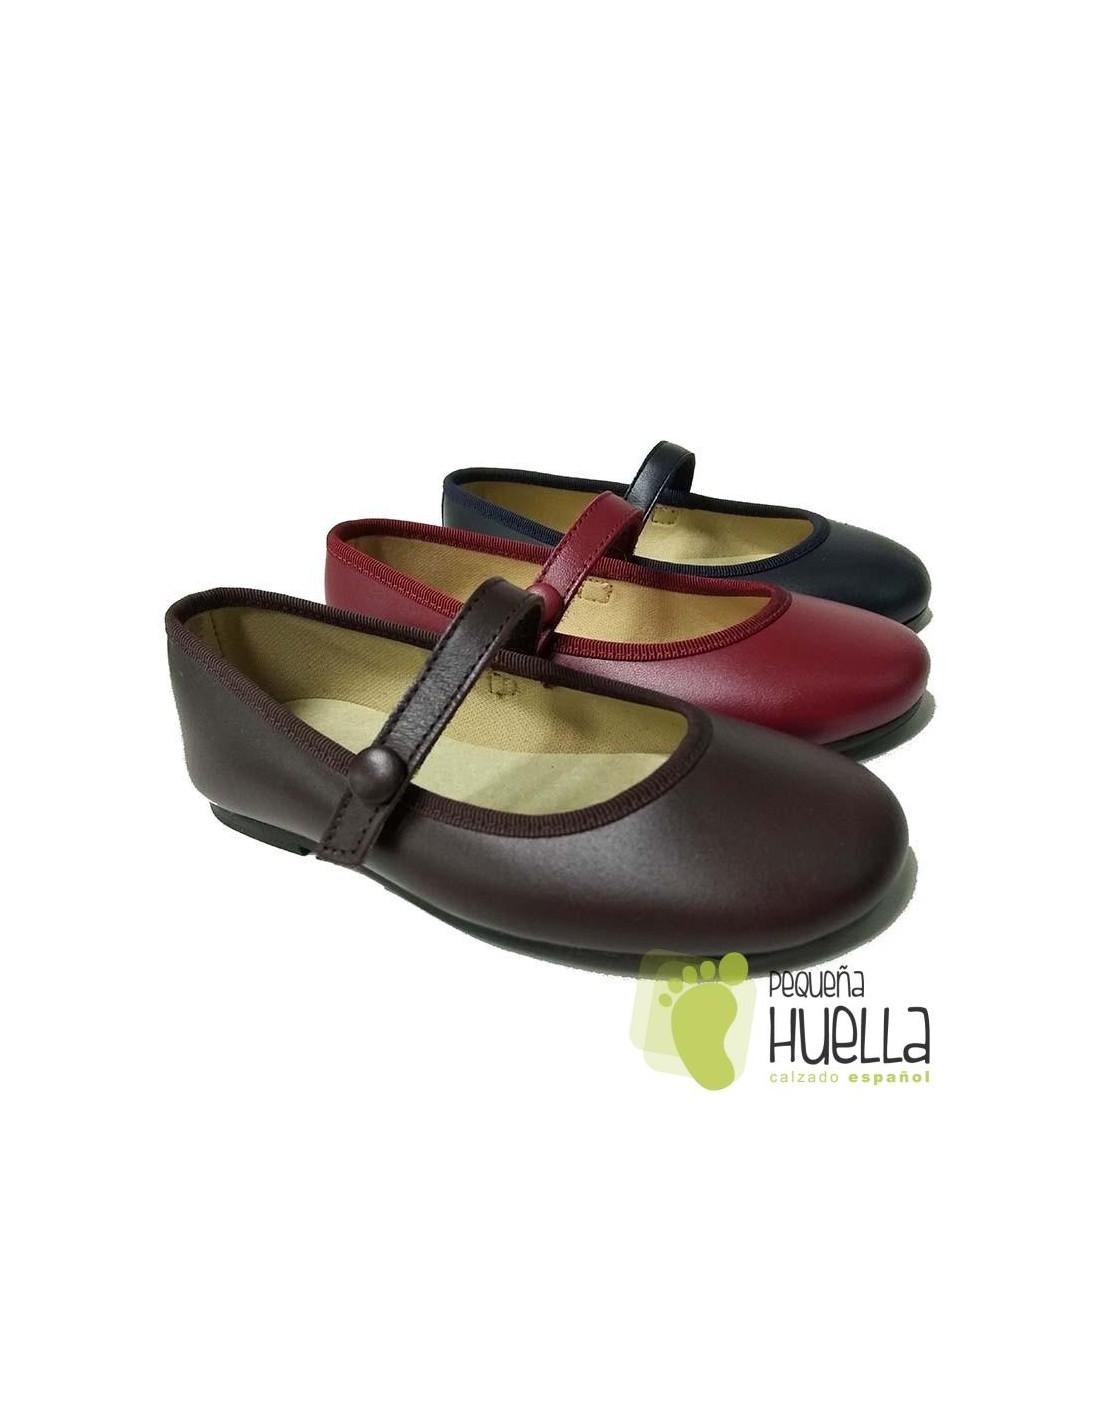 89666234c66 ... Merceditas Niña Piel Con Velcro Botón  Zapatos ...